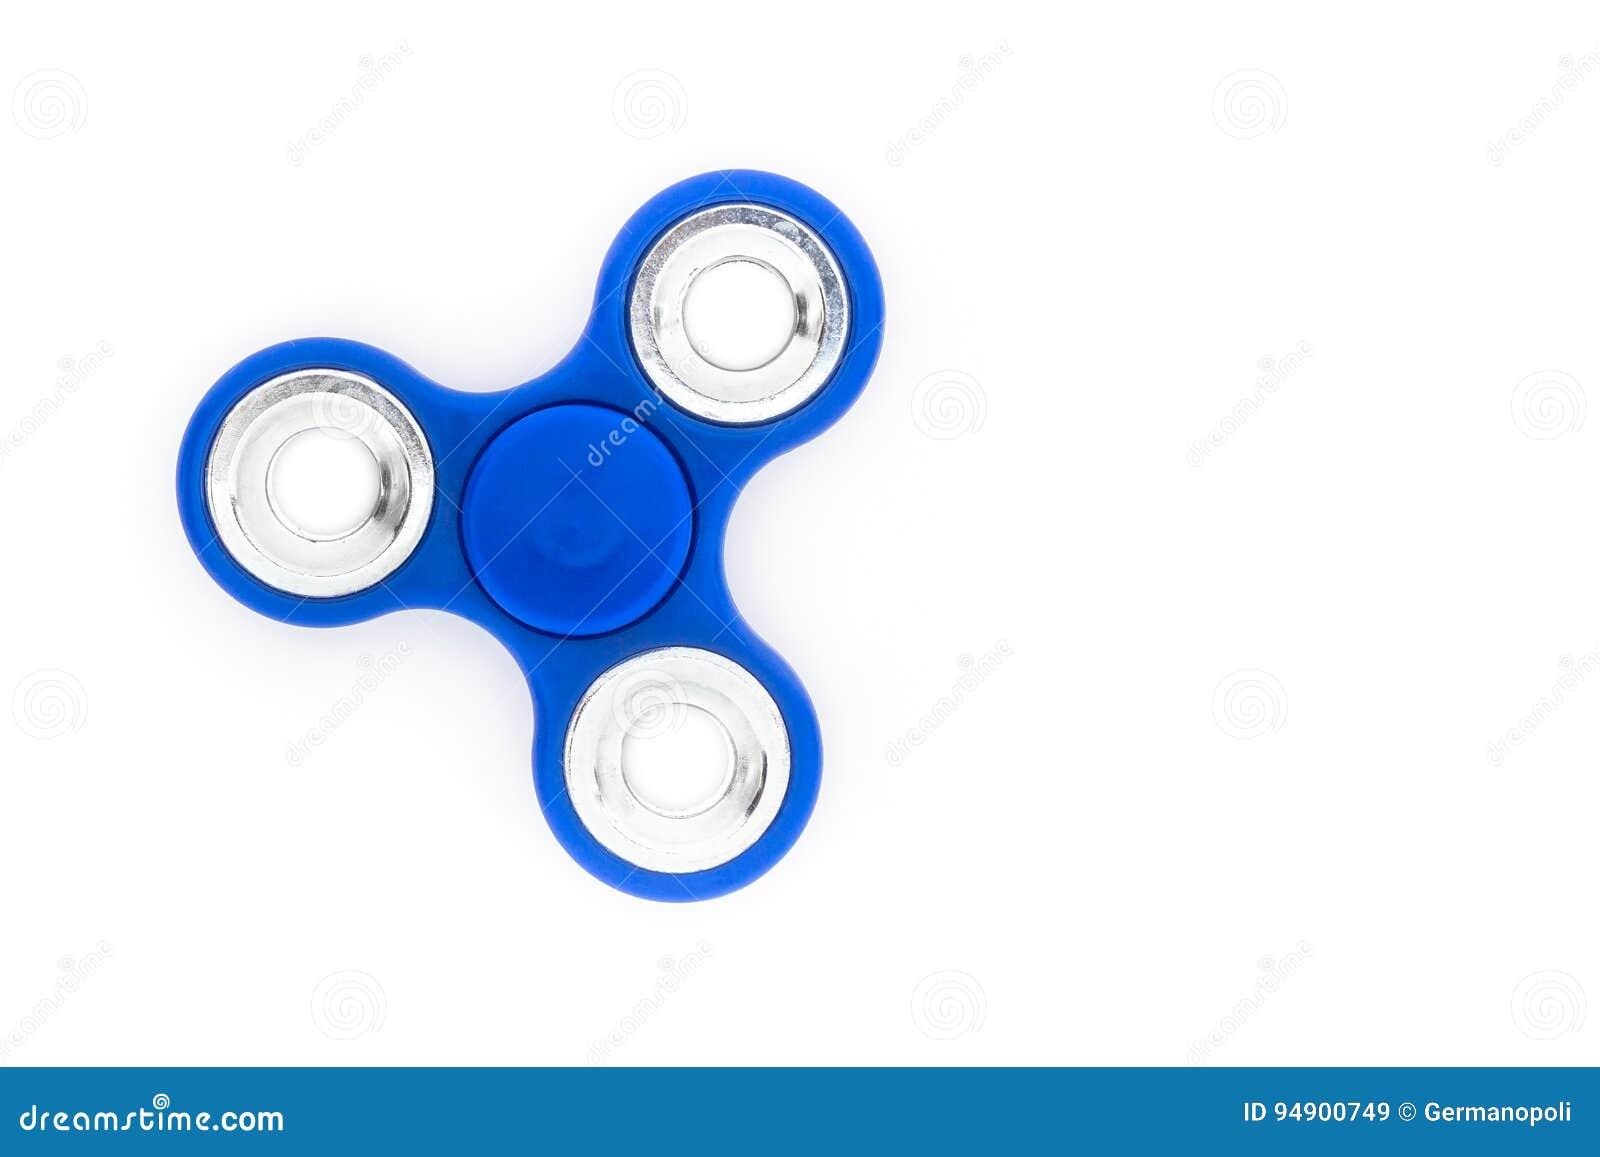 Blue finger spinner